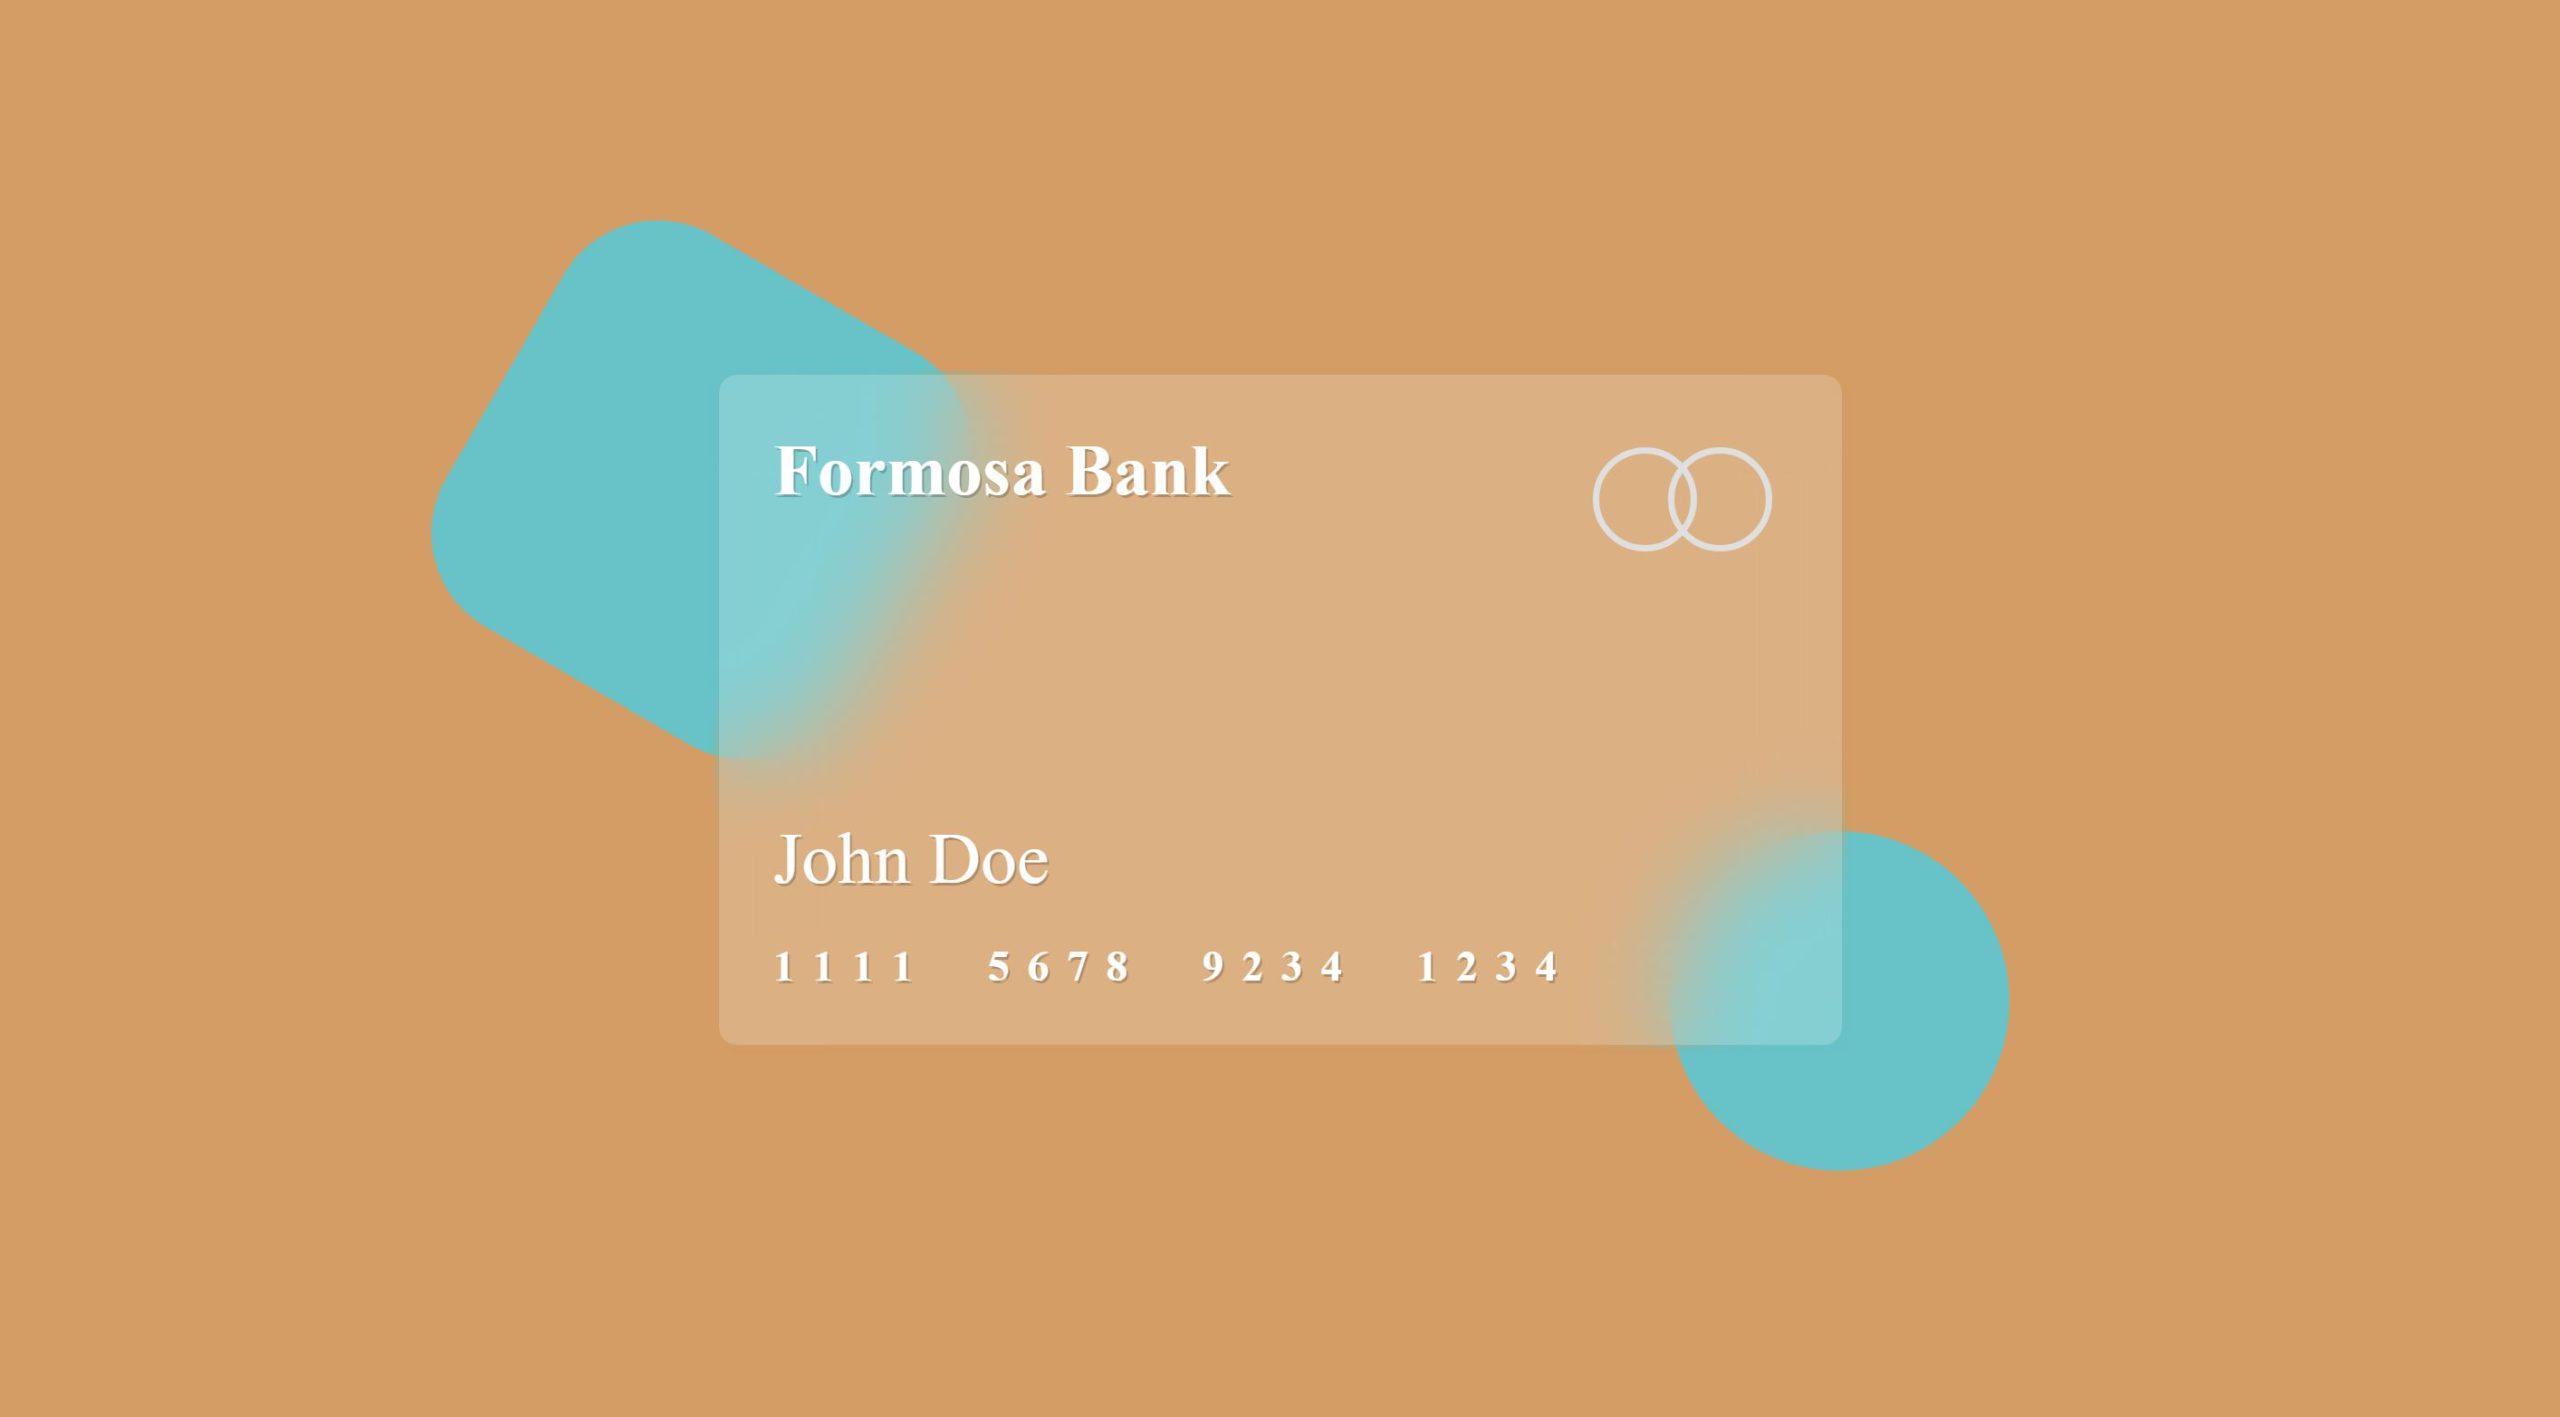 Glassmorphism Credit Card